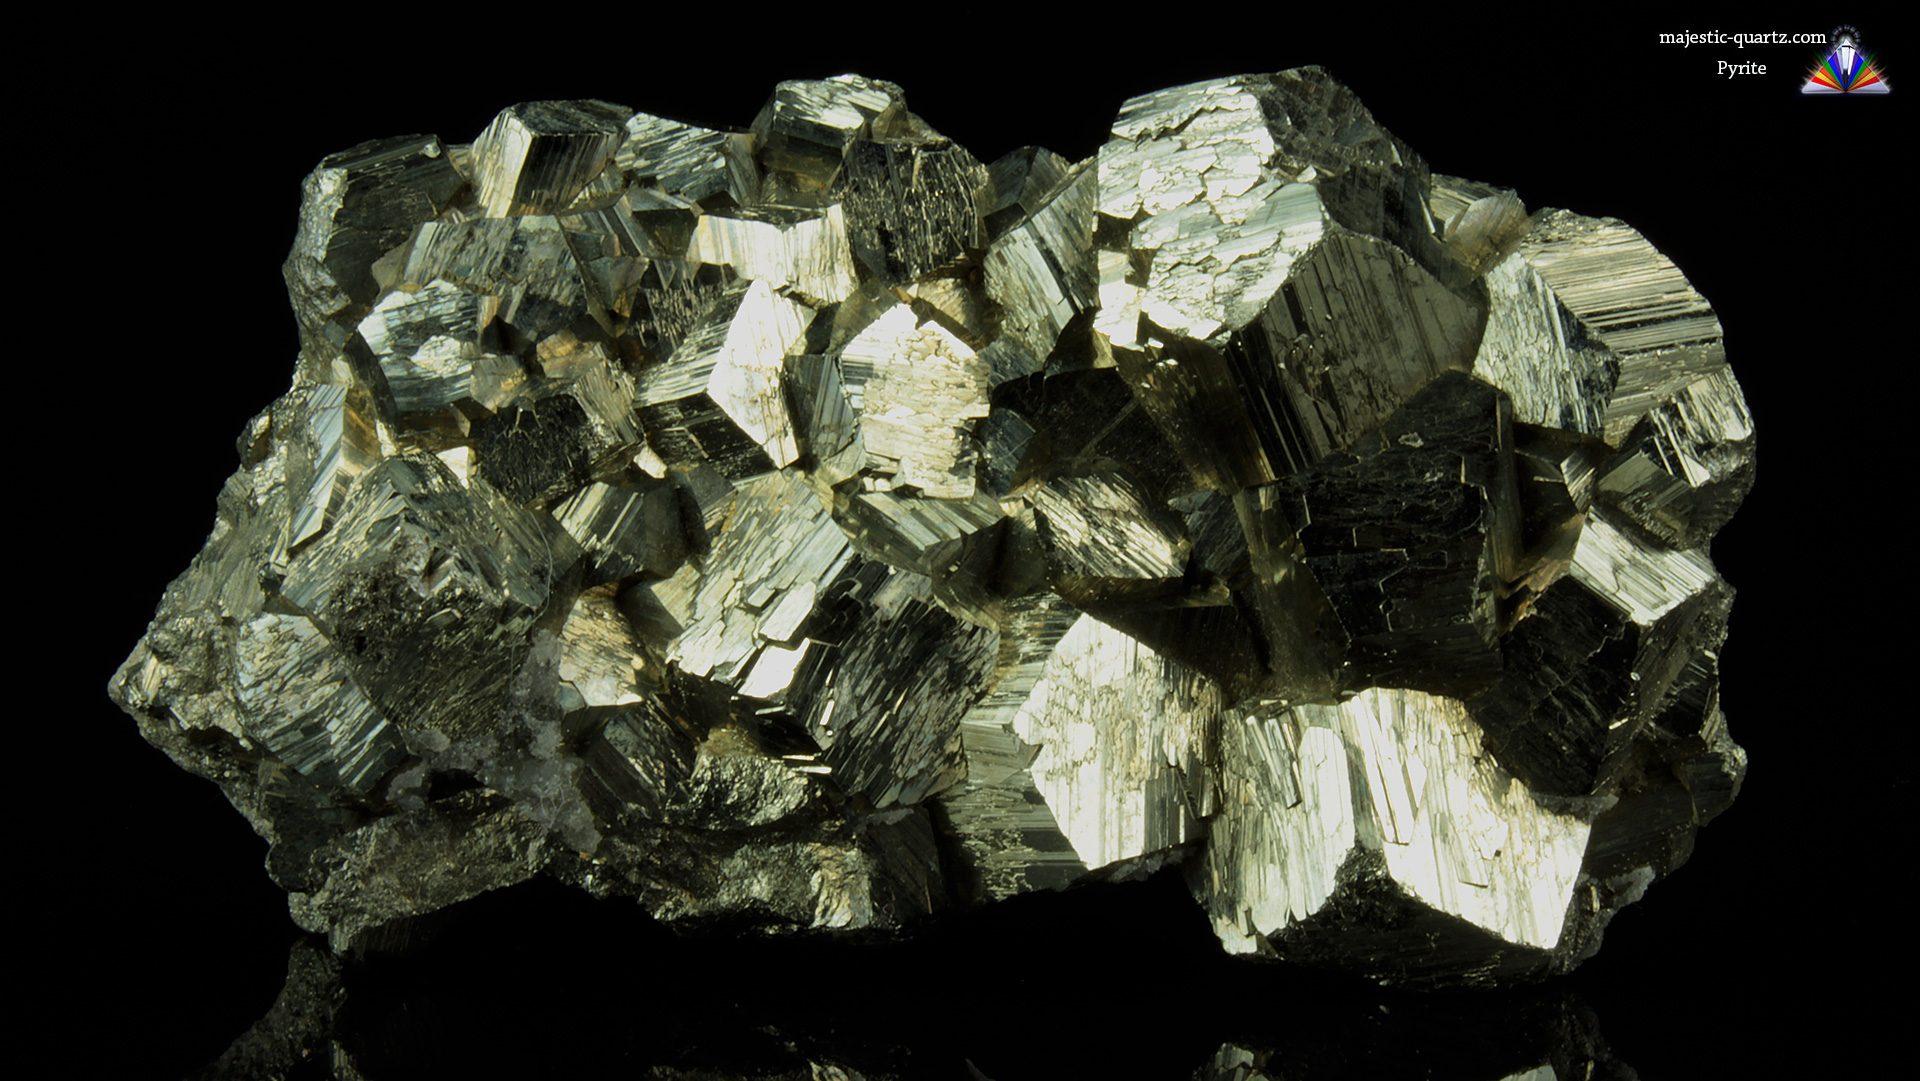 Pyrite Crystal Cluster - Mineral Specimen